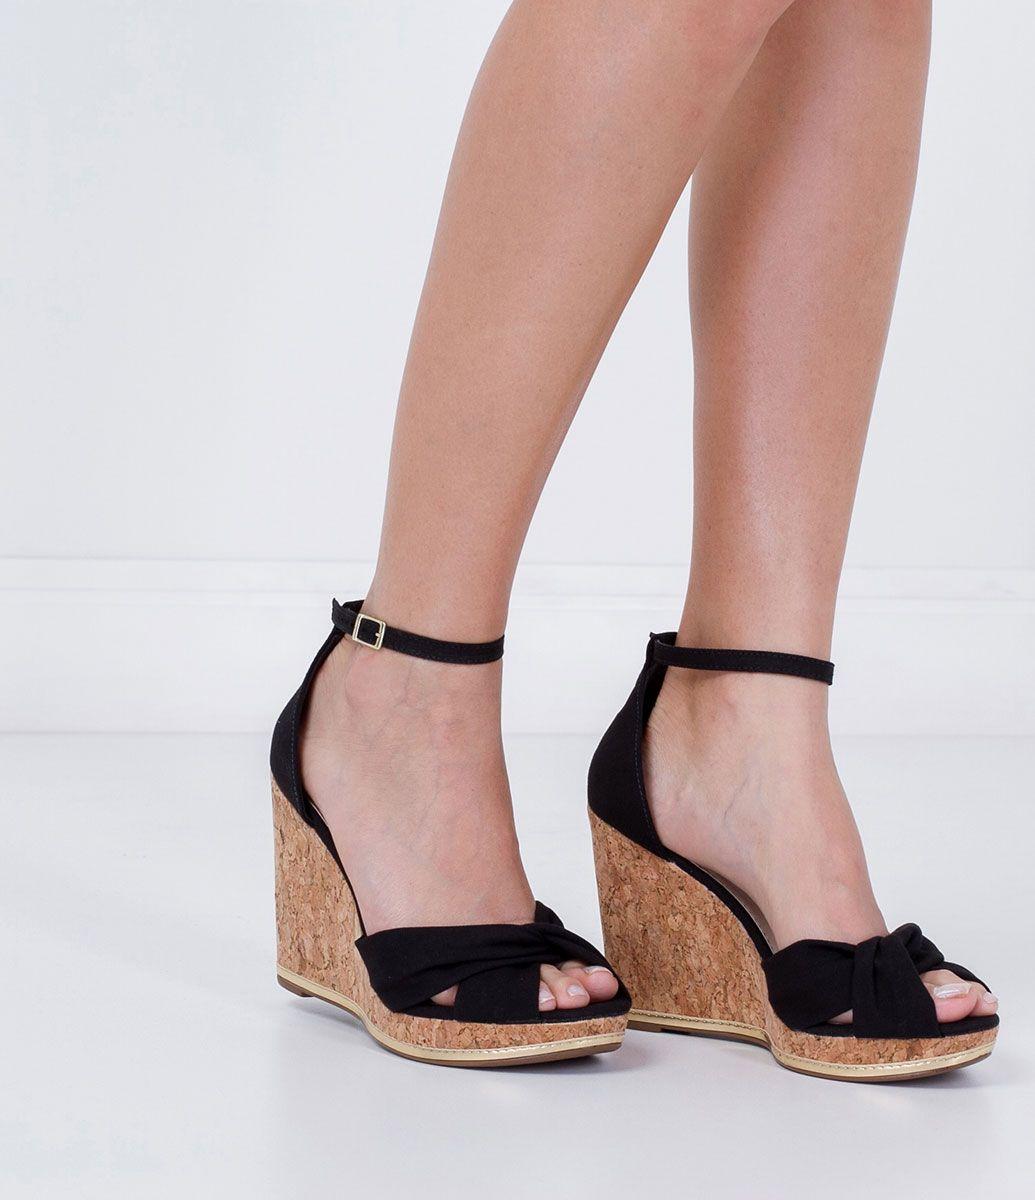 4849244a3 Sandália feminina Material: jeans Anabela Salto cortiça Com tiras X Marca:  Moleca COLEÇÃO VERÃO 2016 Veja outras opções de sandálias…